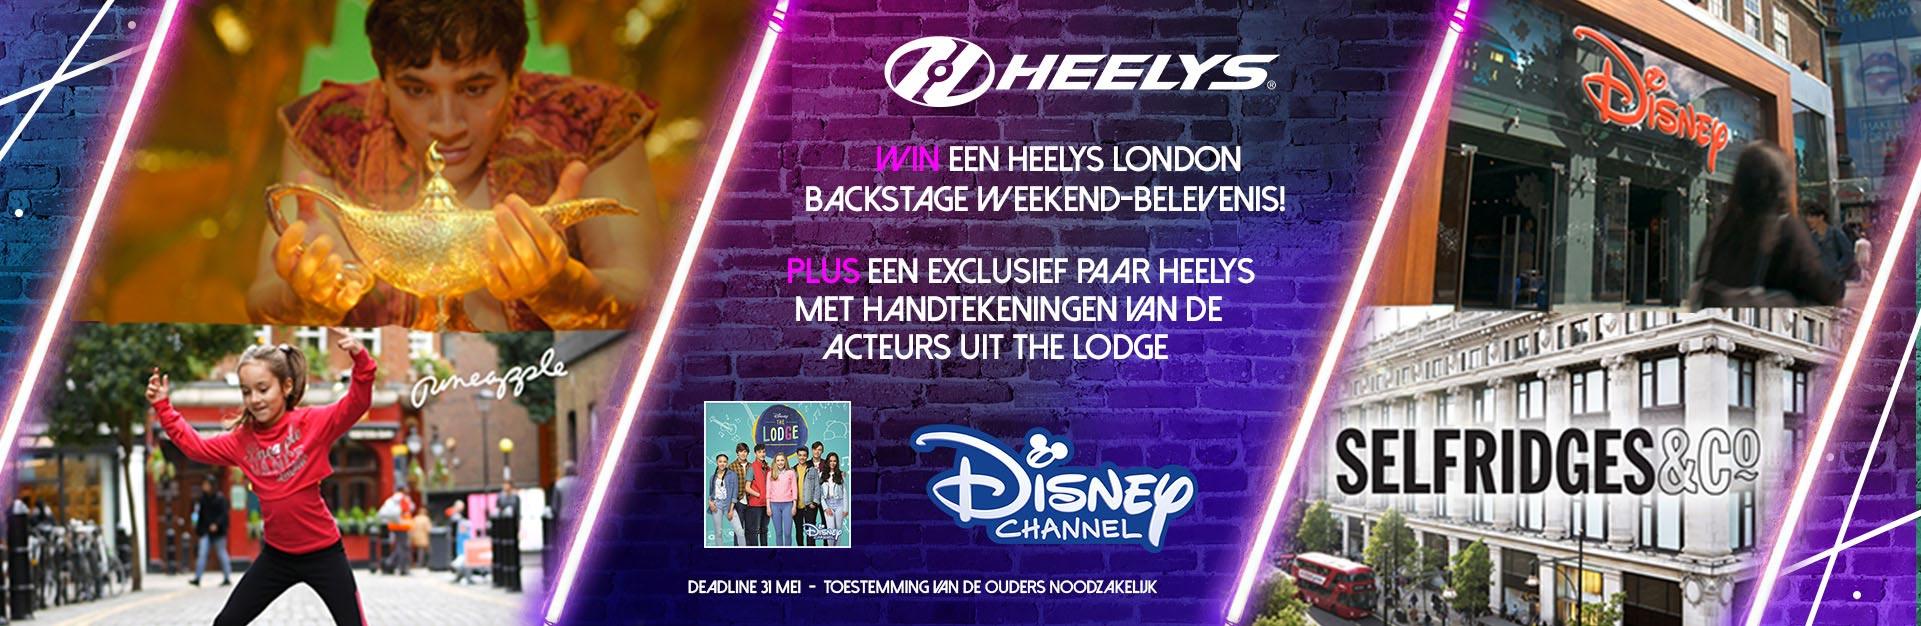 Win een Heelys London Backstage Weekend-belevenis!